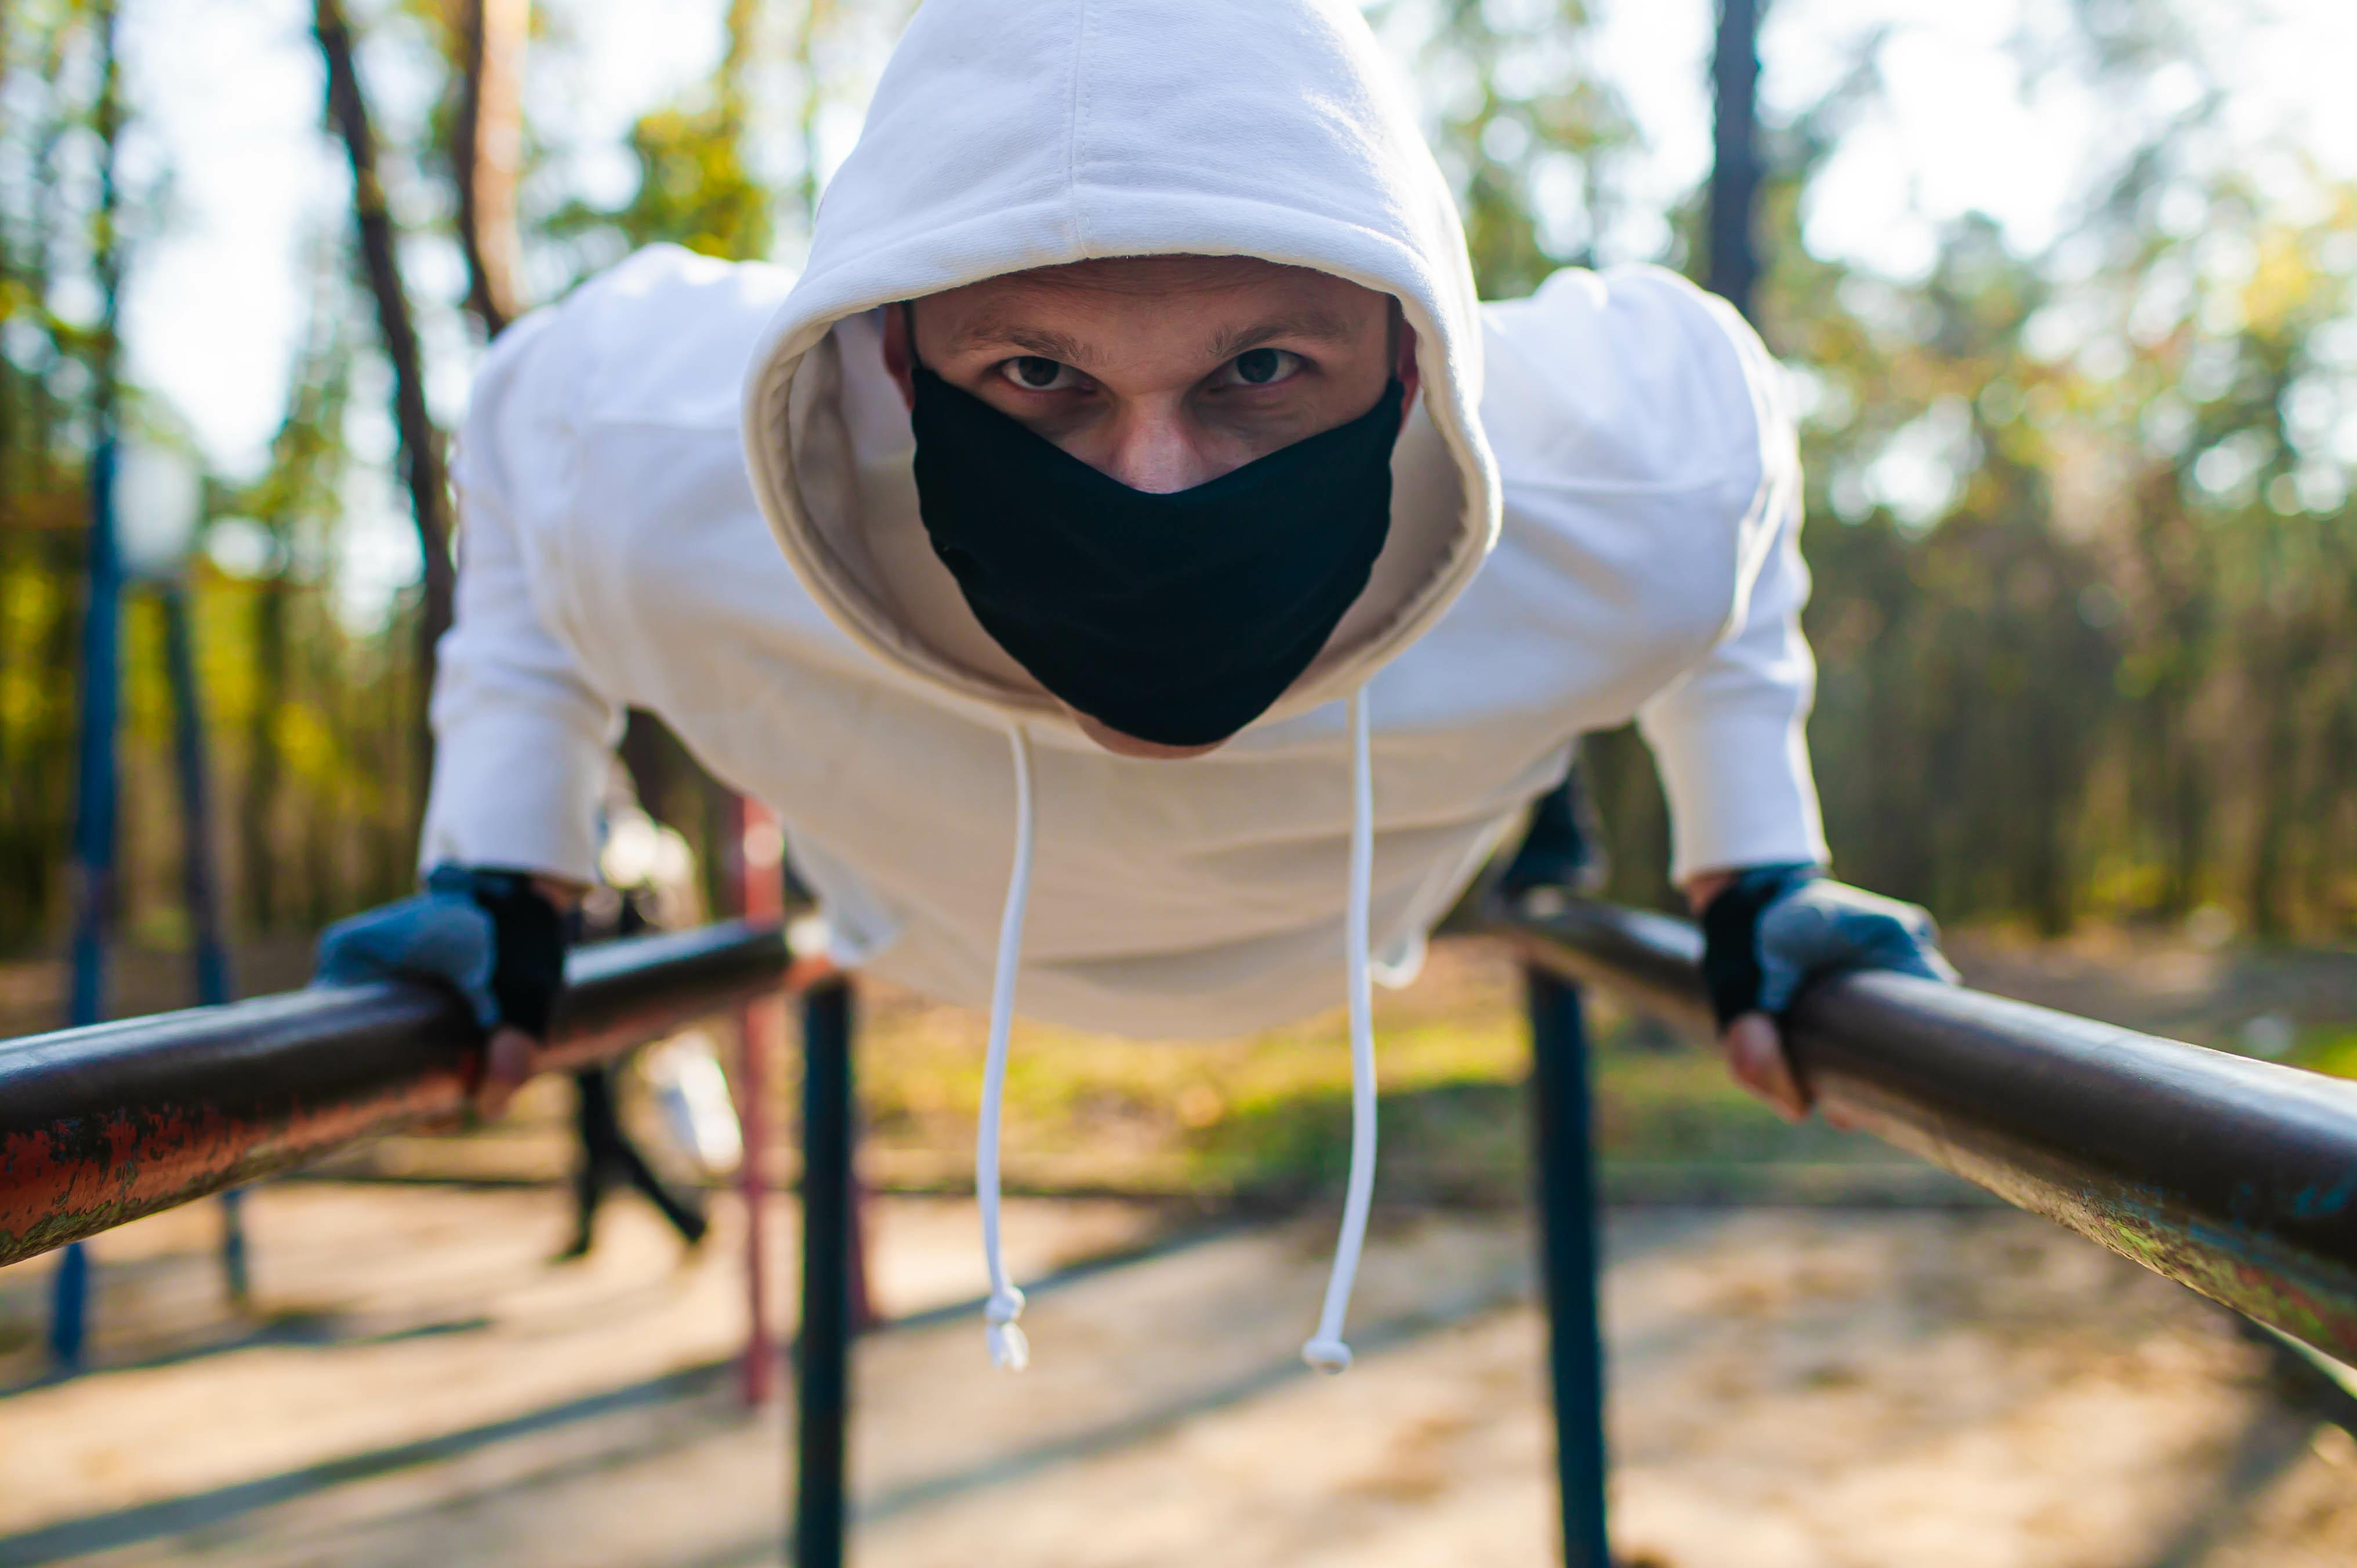 Pourquoi faut-il pratiquer régulièrement l'exercice physique pendant cette période de pandémie, d'isolement ou de confinement ? (Visuel Adobe Stock 335375838)